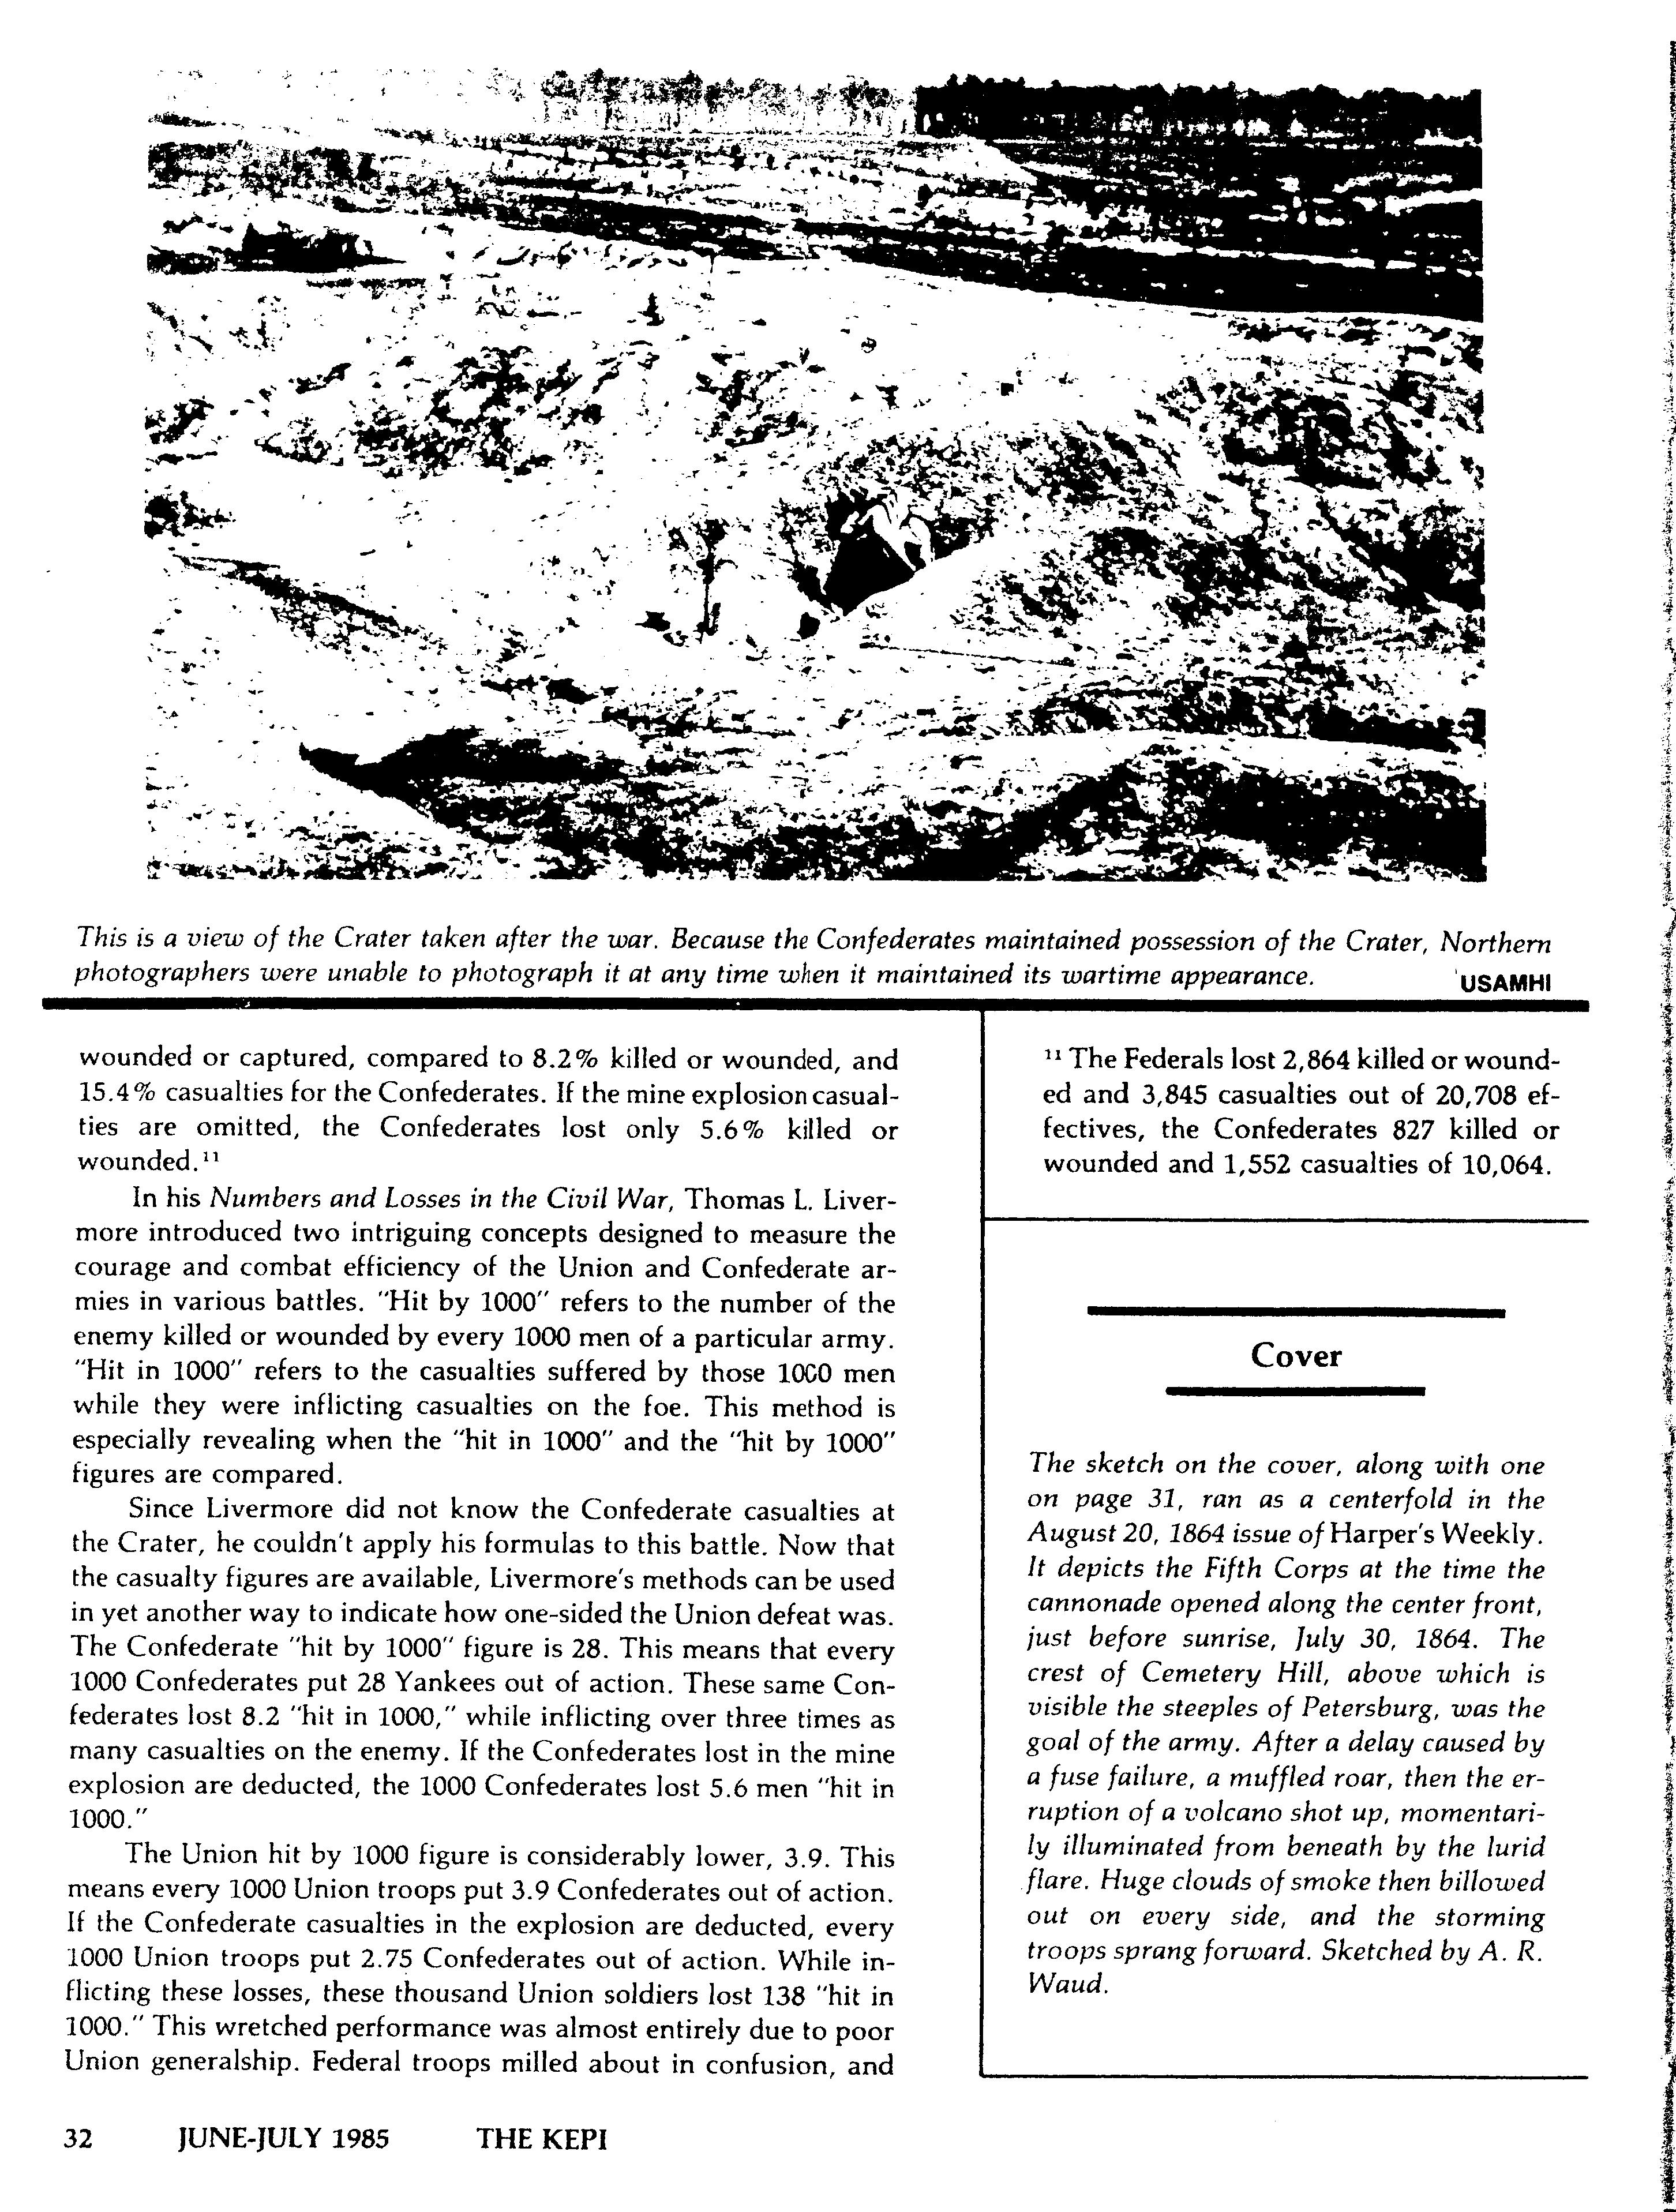 KepiV3N3JunJul1985 CraterConfCas Pg32